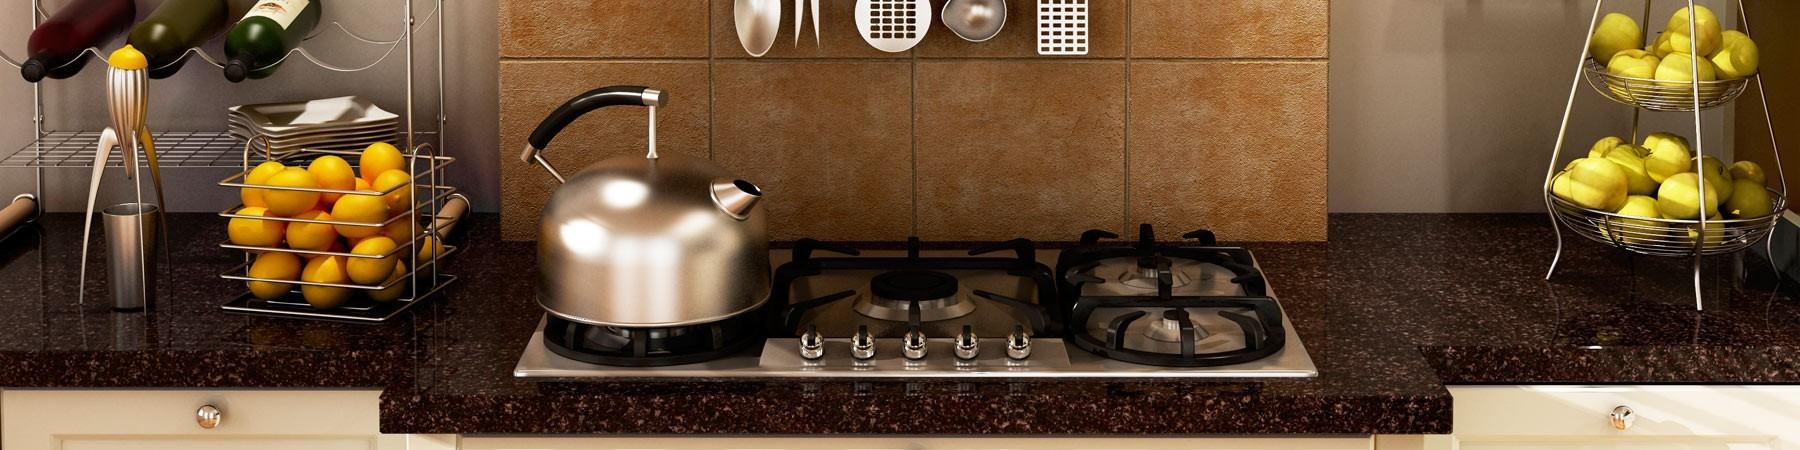 Đồ dùng nấu bếp,đồ dùng nấu ăn, gia dụng thông minh,tiện ích phòng bếp